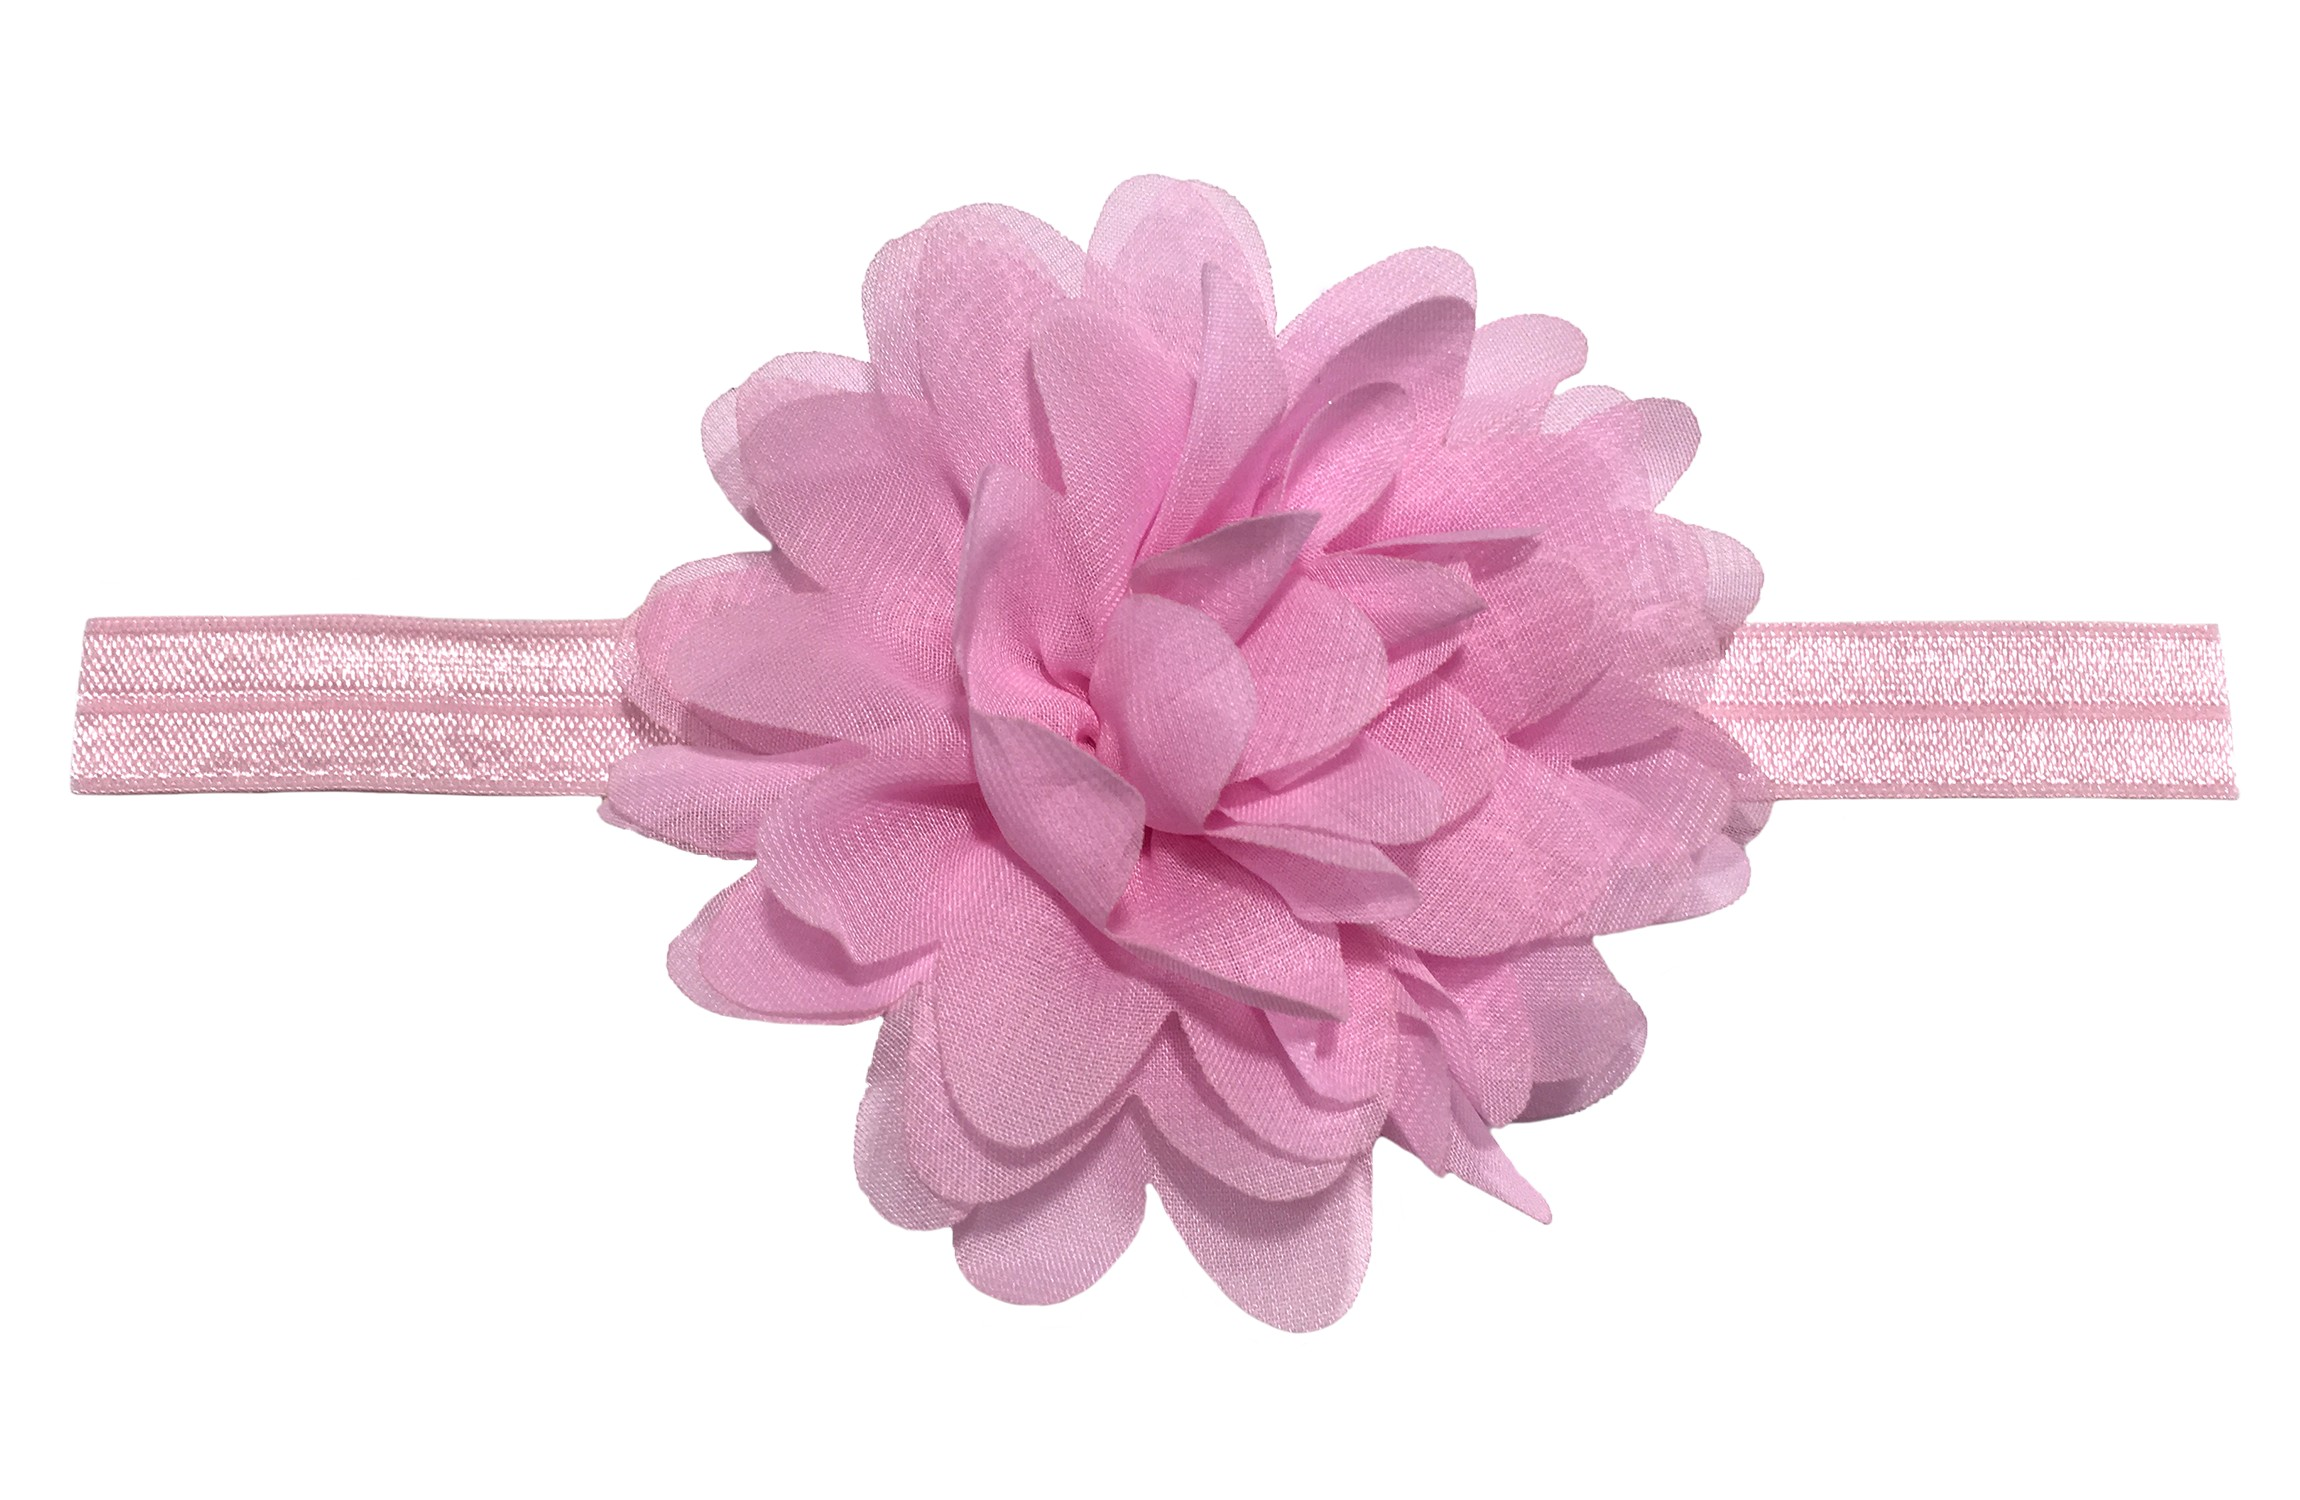 Vrolijk (zalm) roze peuter kleuter haarbandje.  Met een grote licht roze chiffon bloem.  Het haarbandje is van goed rekbaar elastiek.